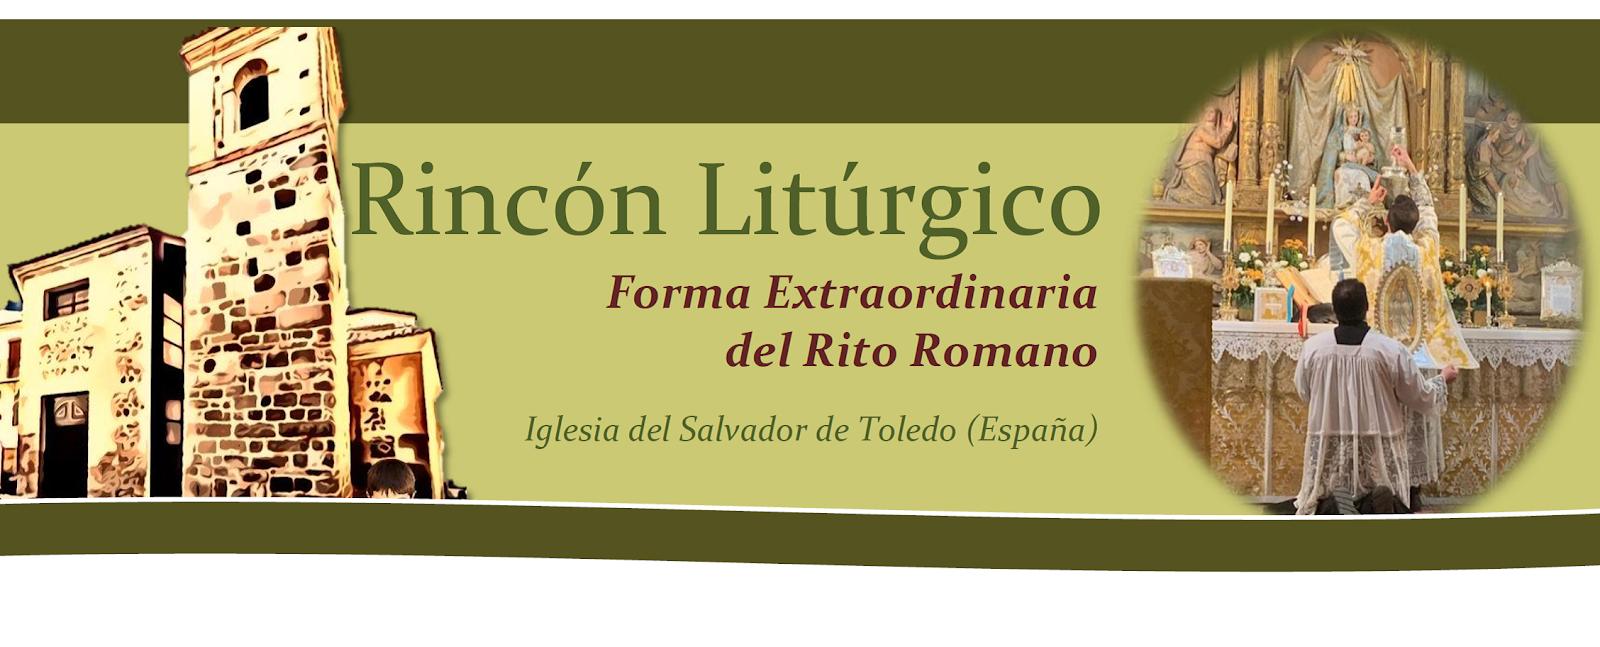 EL RINCÓN LITÚRGICO